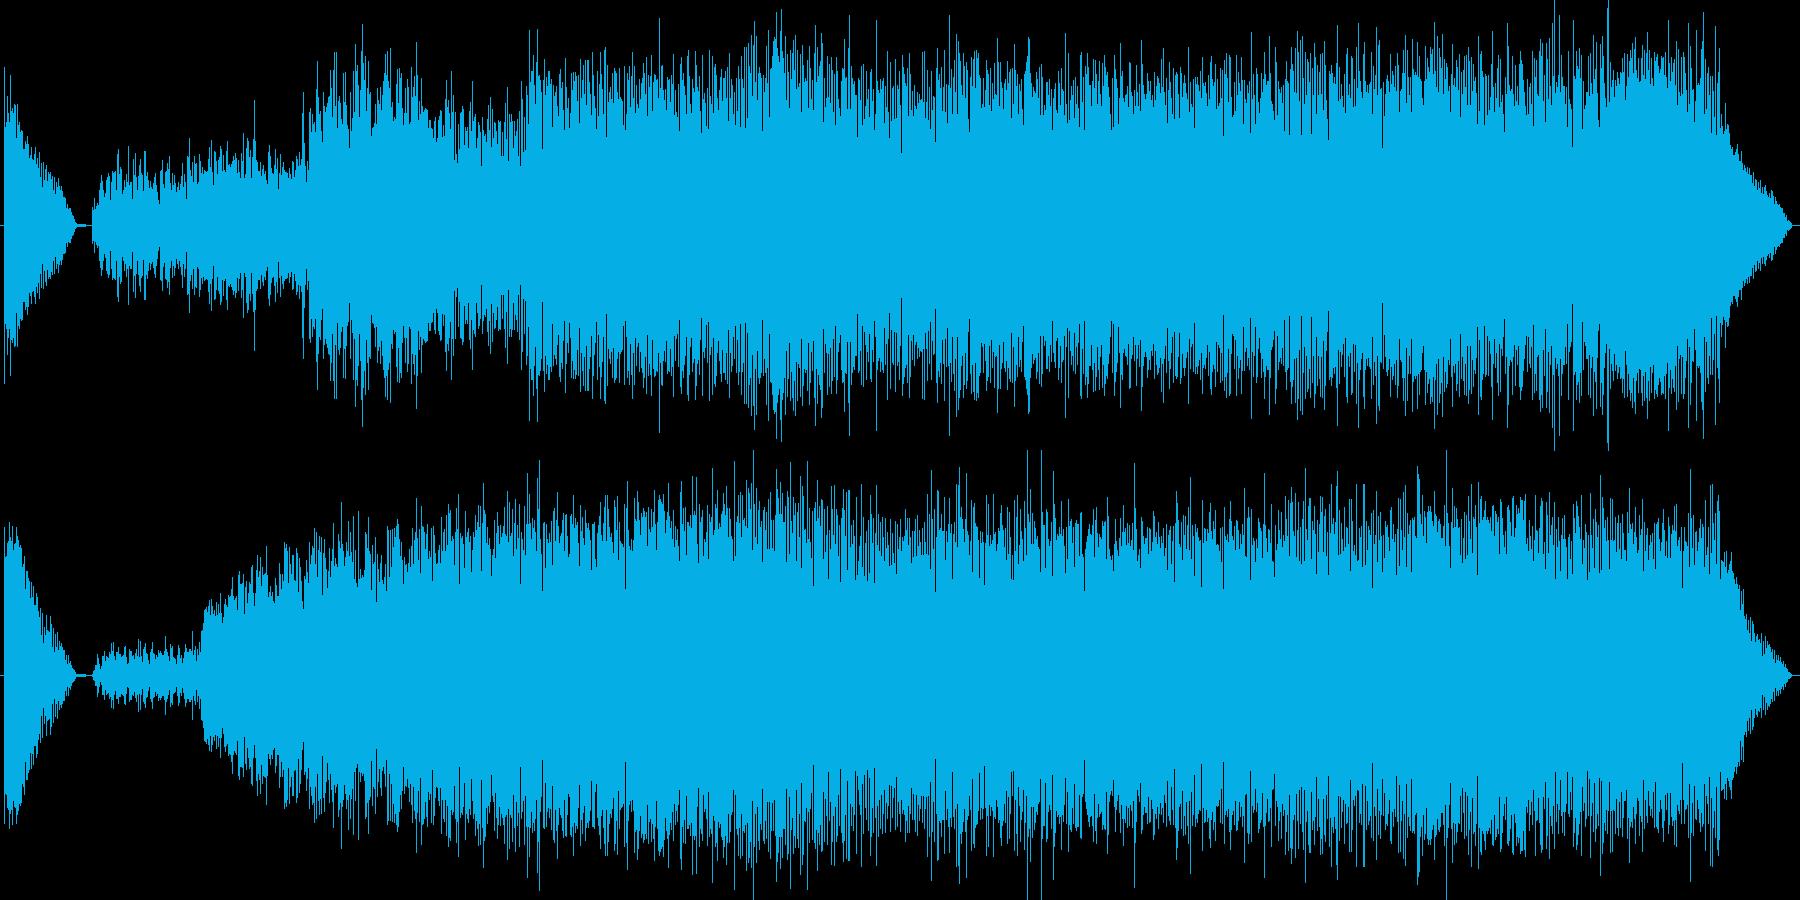 『危険地帯』EDMの再生済みの波形